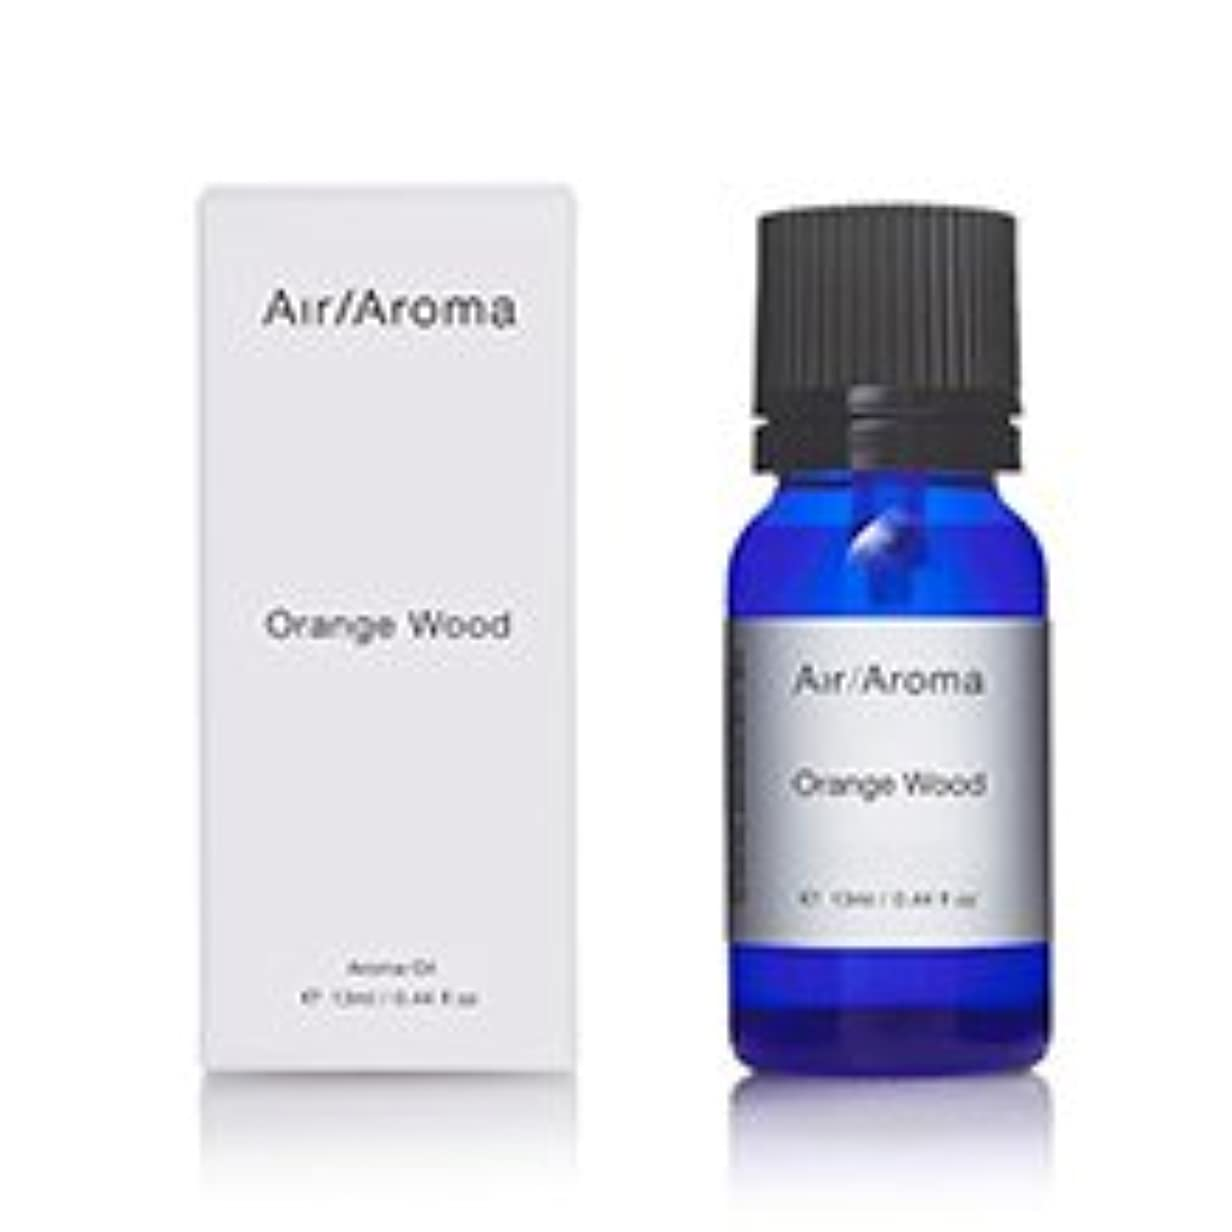 ウェイトレスダニハウジングエアアロマ orange wood(オレンジウッド)13ml